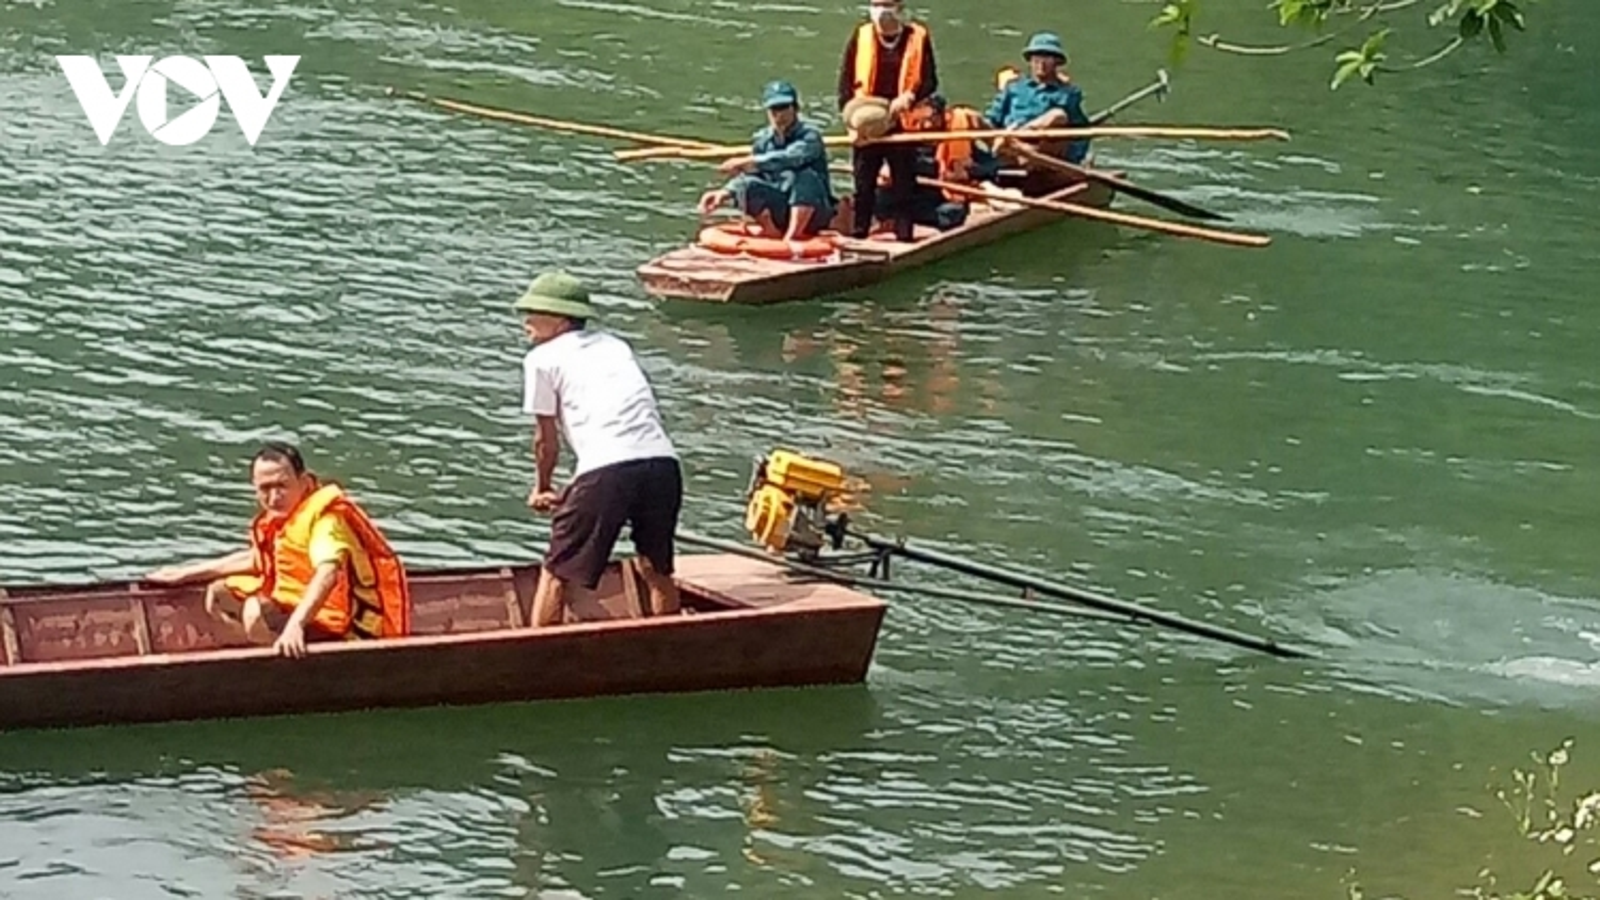 Lật thuyền trên sông Chảy khiến 1 người tử vong